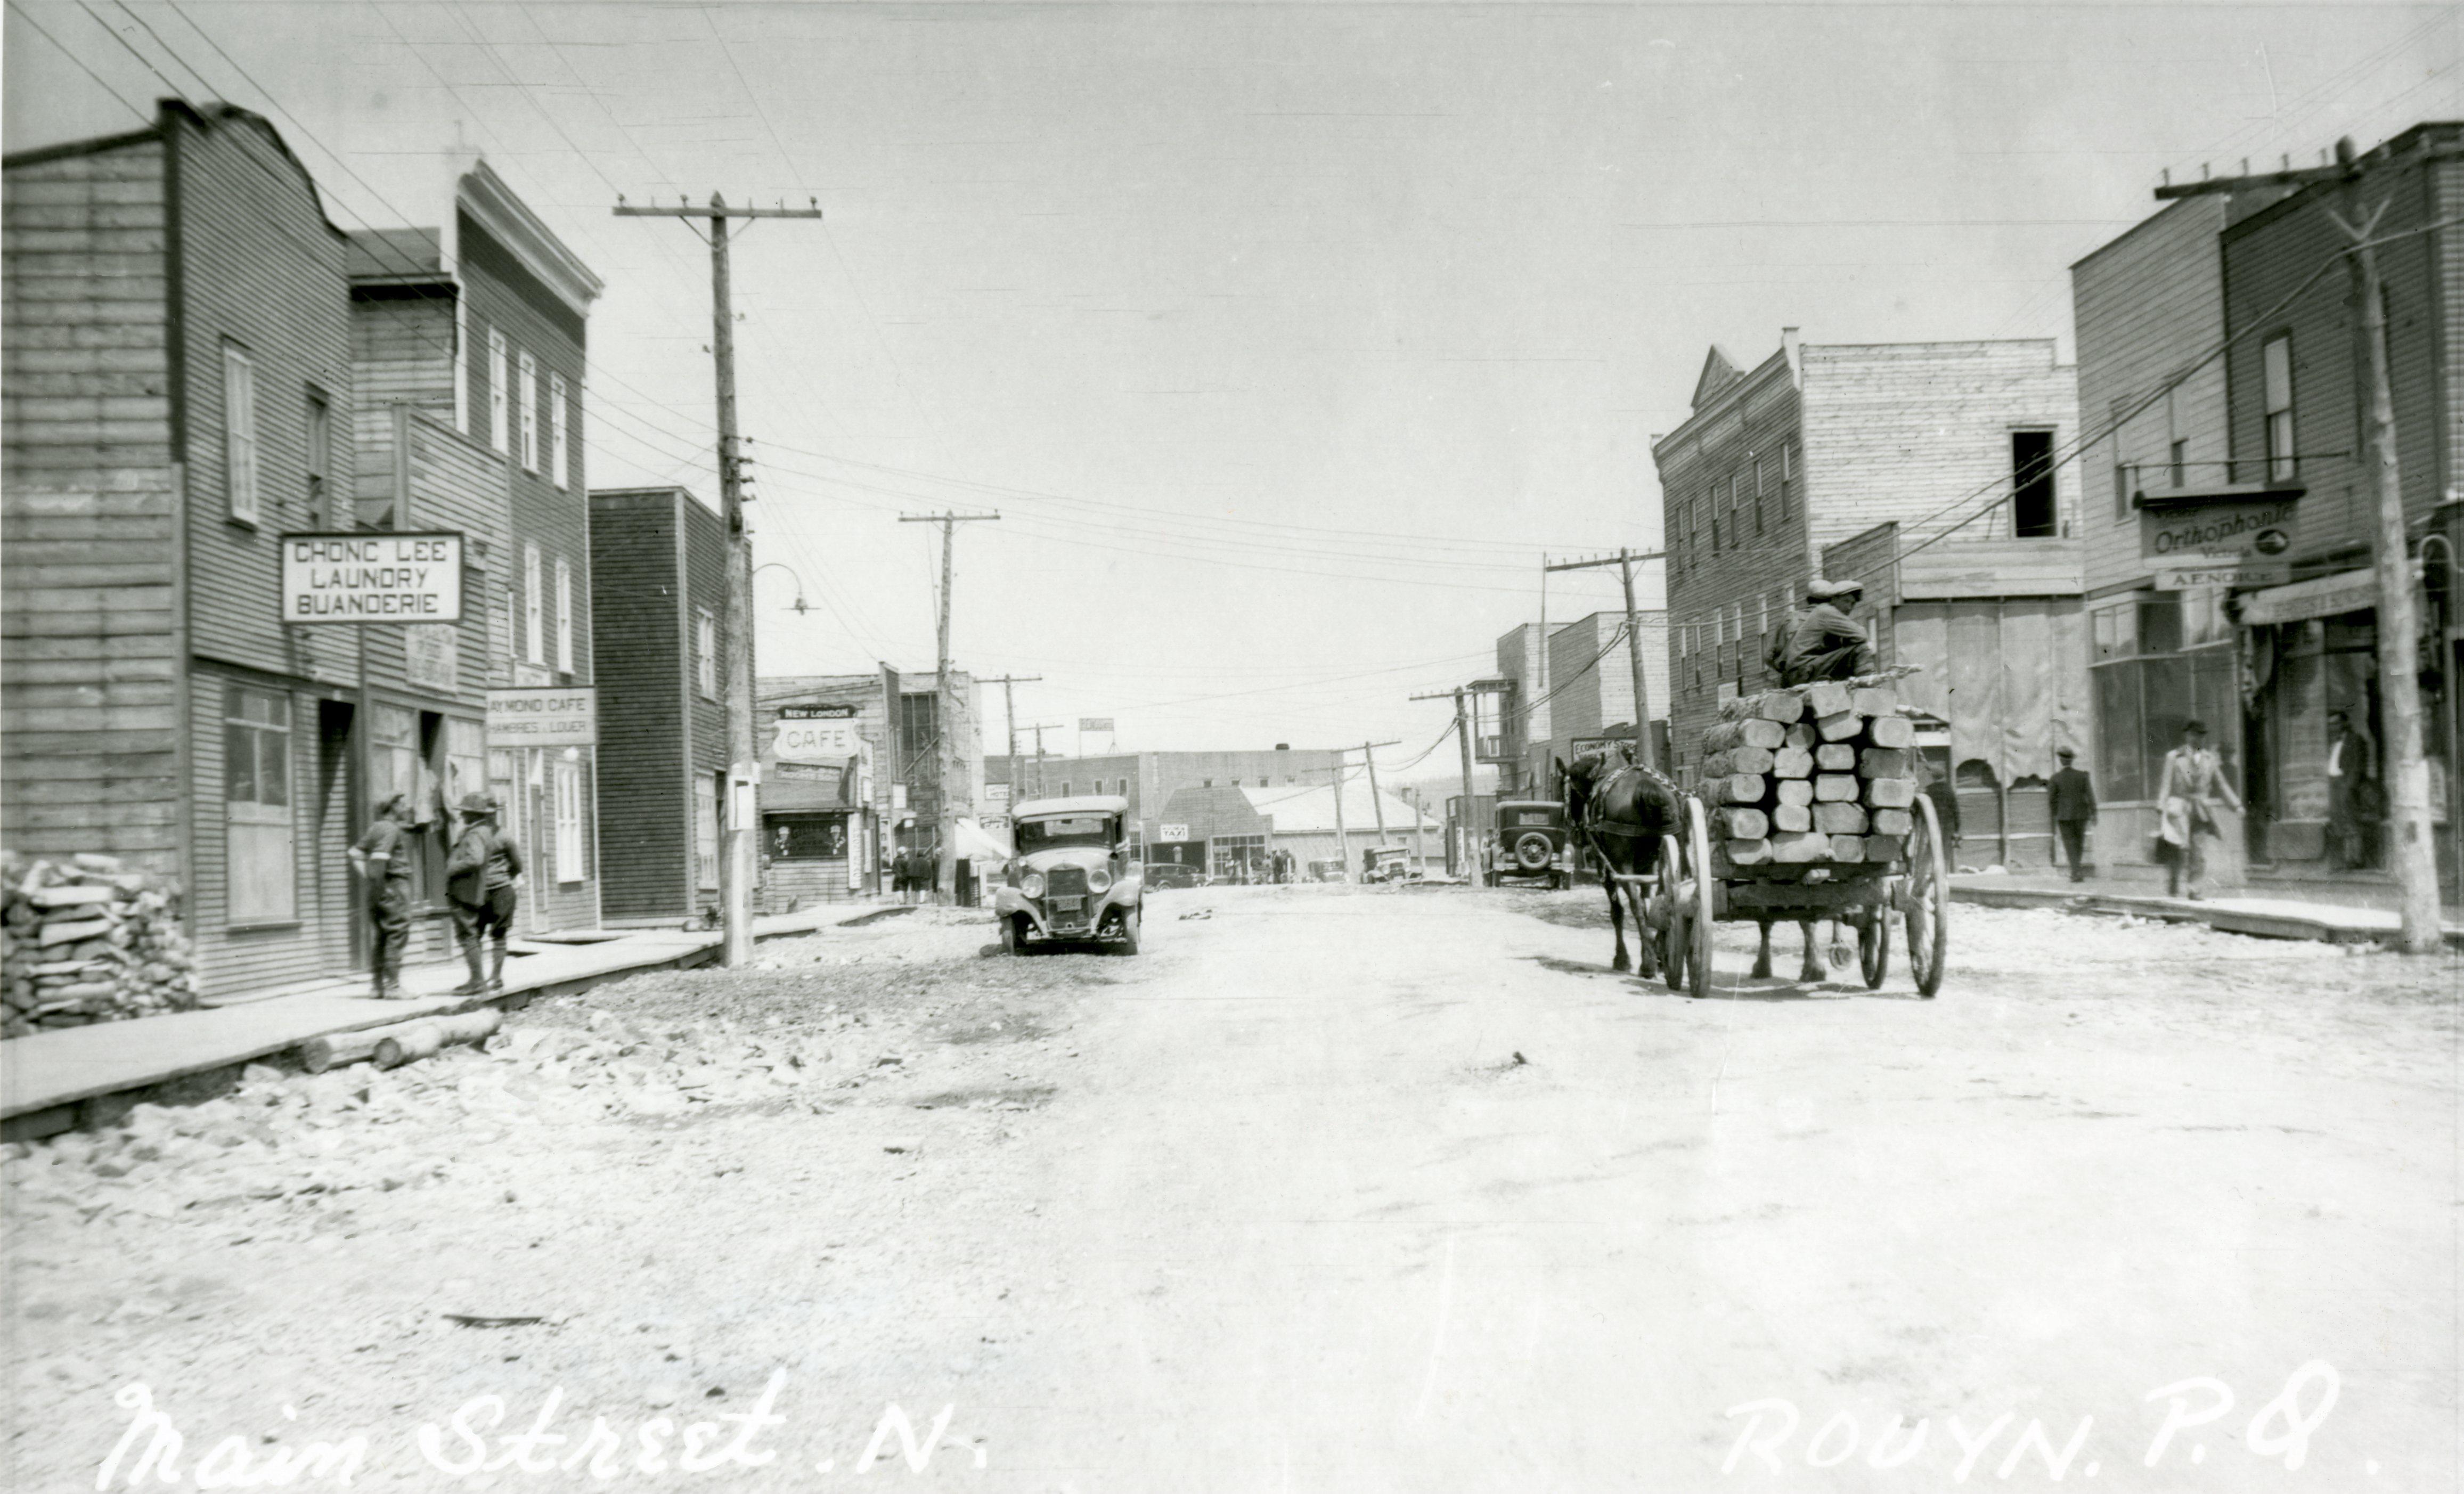 Photographie en noir et blanc d'une rue en gravier sur laquelle une voiture et une carriole tirée par deux chevaux circulent. Des gens marchent sur les trottoirs de bois. Les édifices ont des façades de type Boom-Towns. Une affiche à gauche indique Chong Lee Laundry Buanderie.